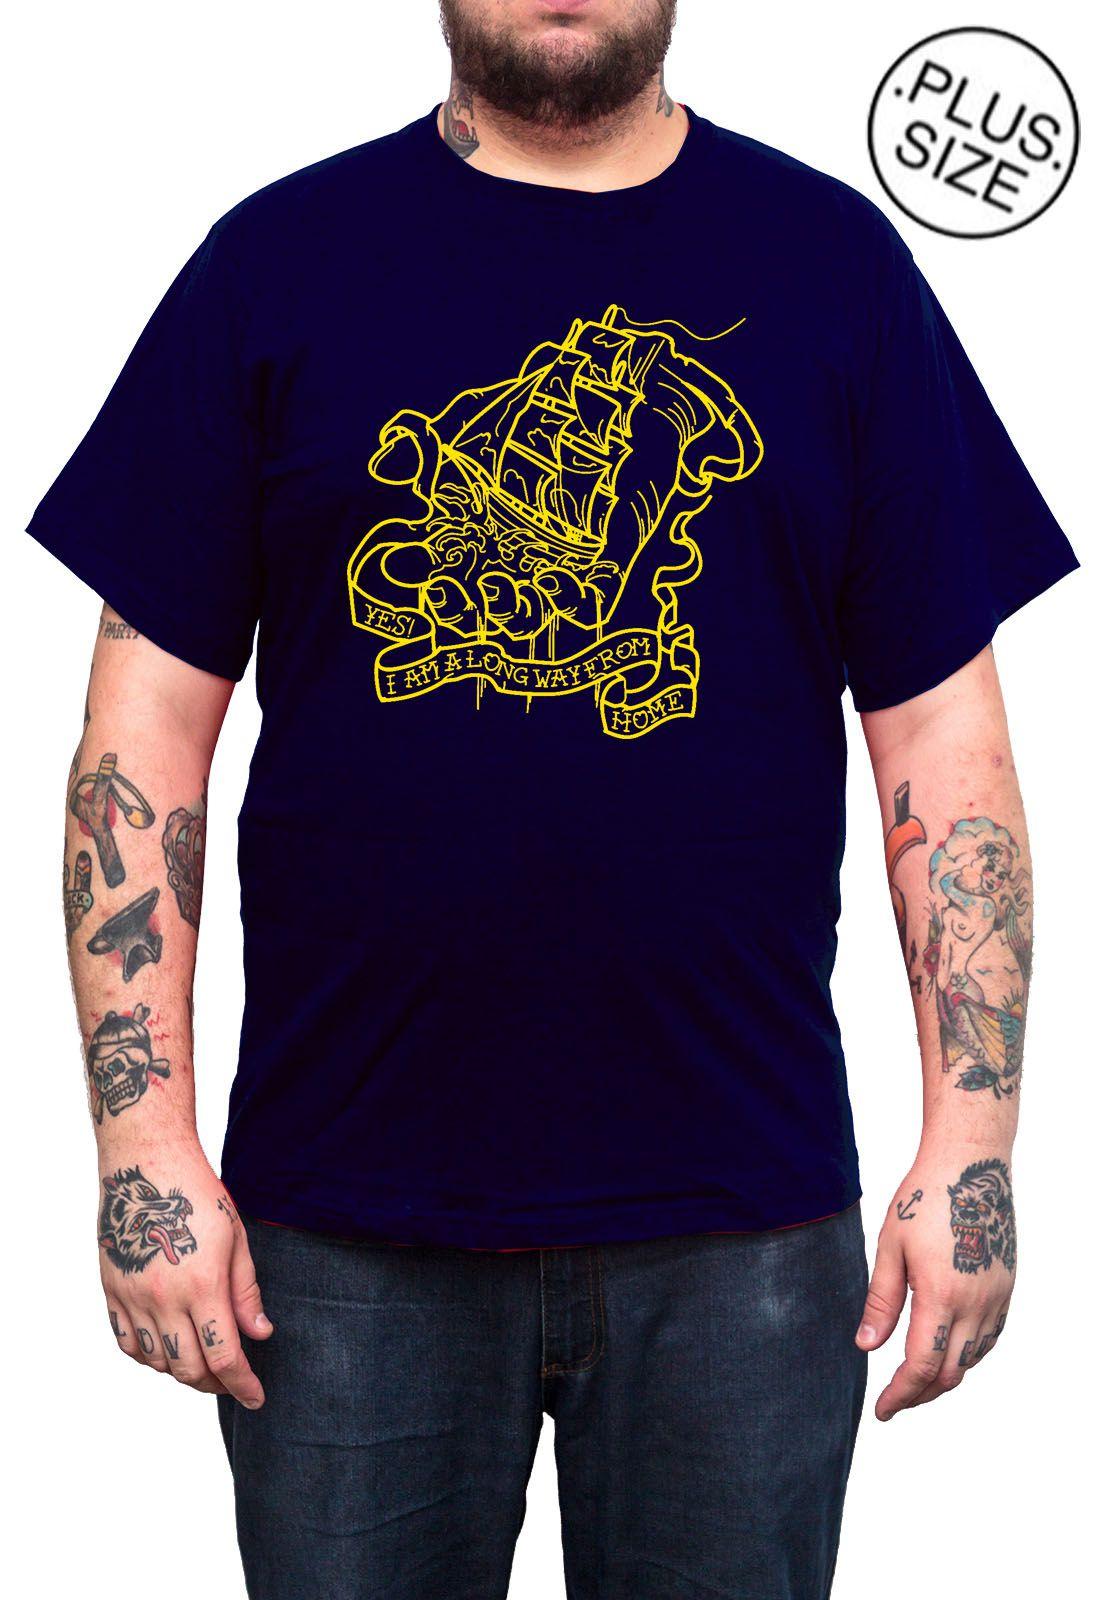 Camiseta Hshop Way From Home - Azul Marinho - Plus Size - Tamanho Grande XG  - HShop